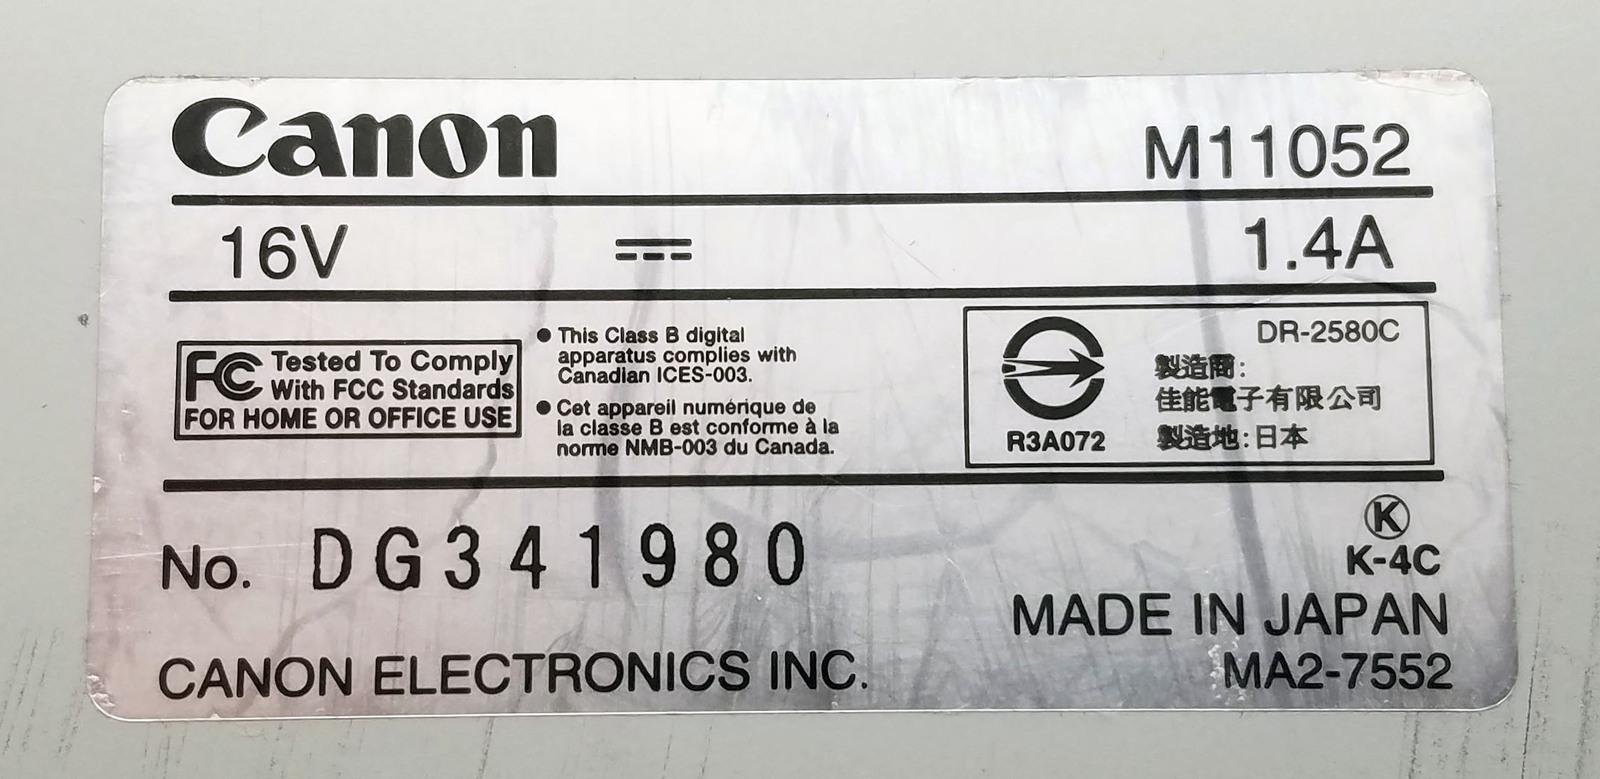 Canon DR-2580C Document Scanner Color Duplex 25 Ppm 600 Dpi Bin: 7